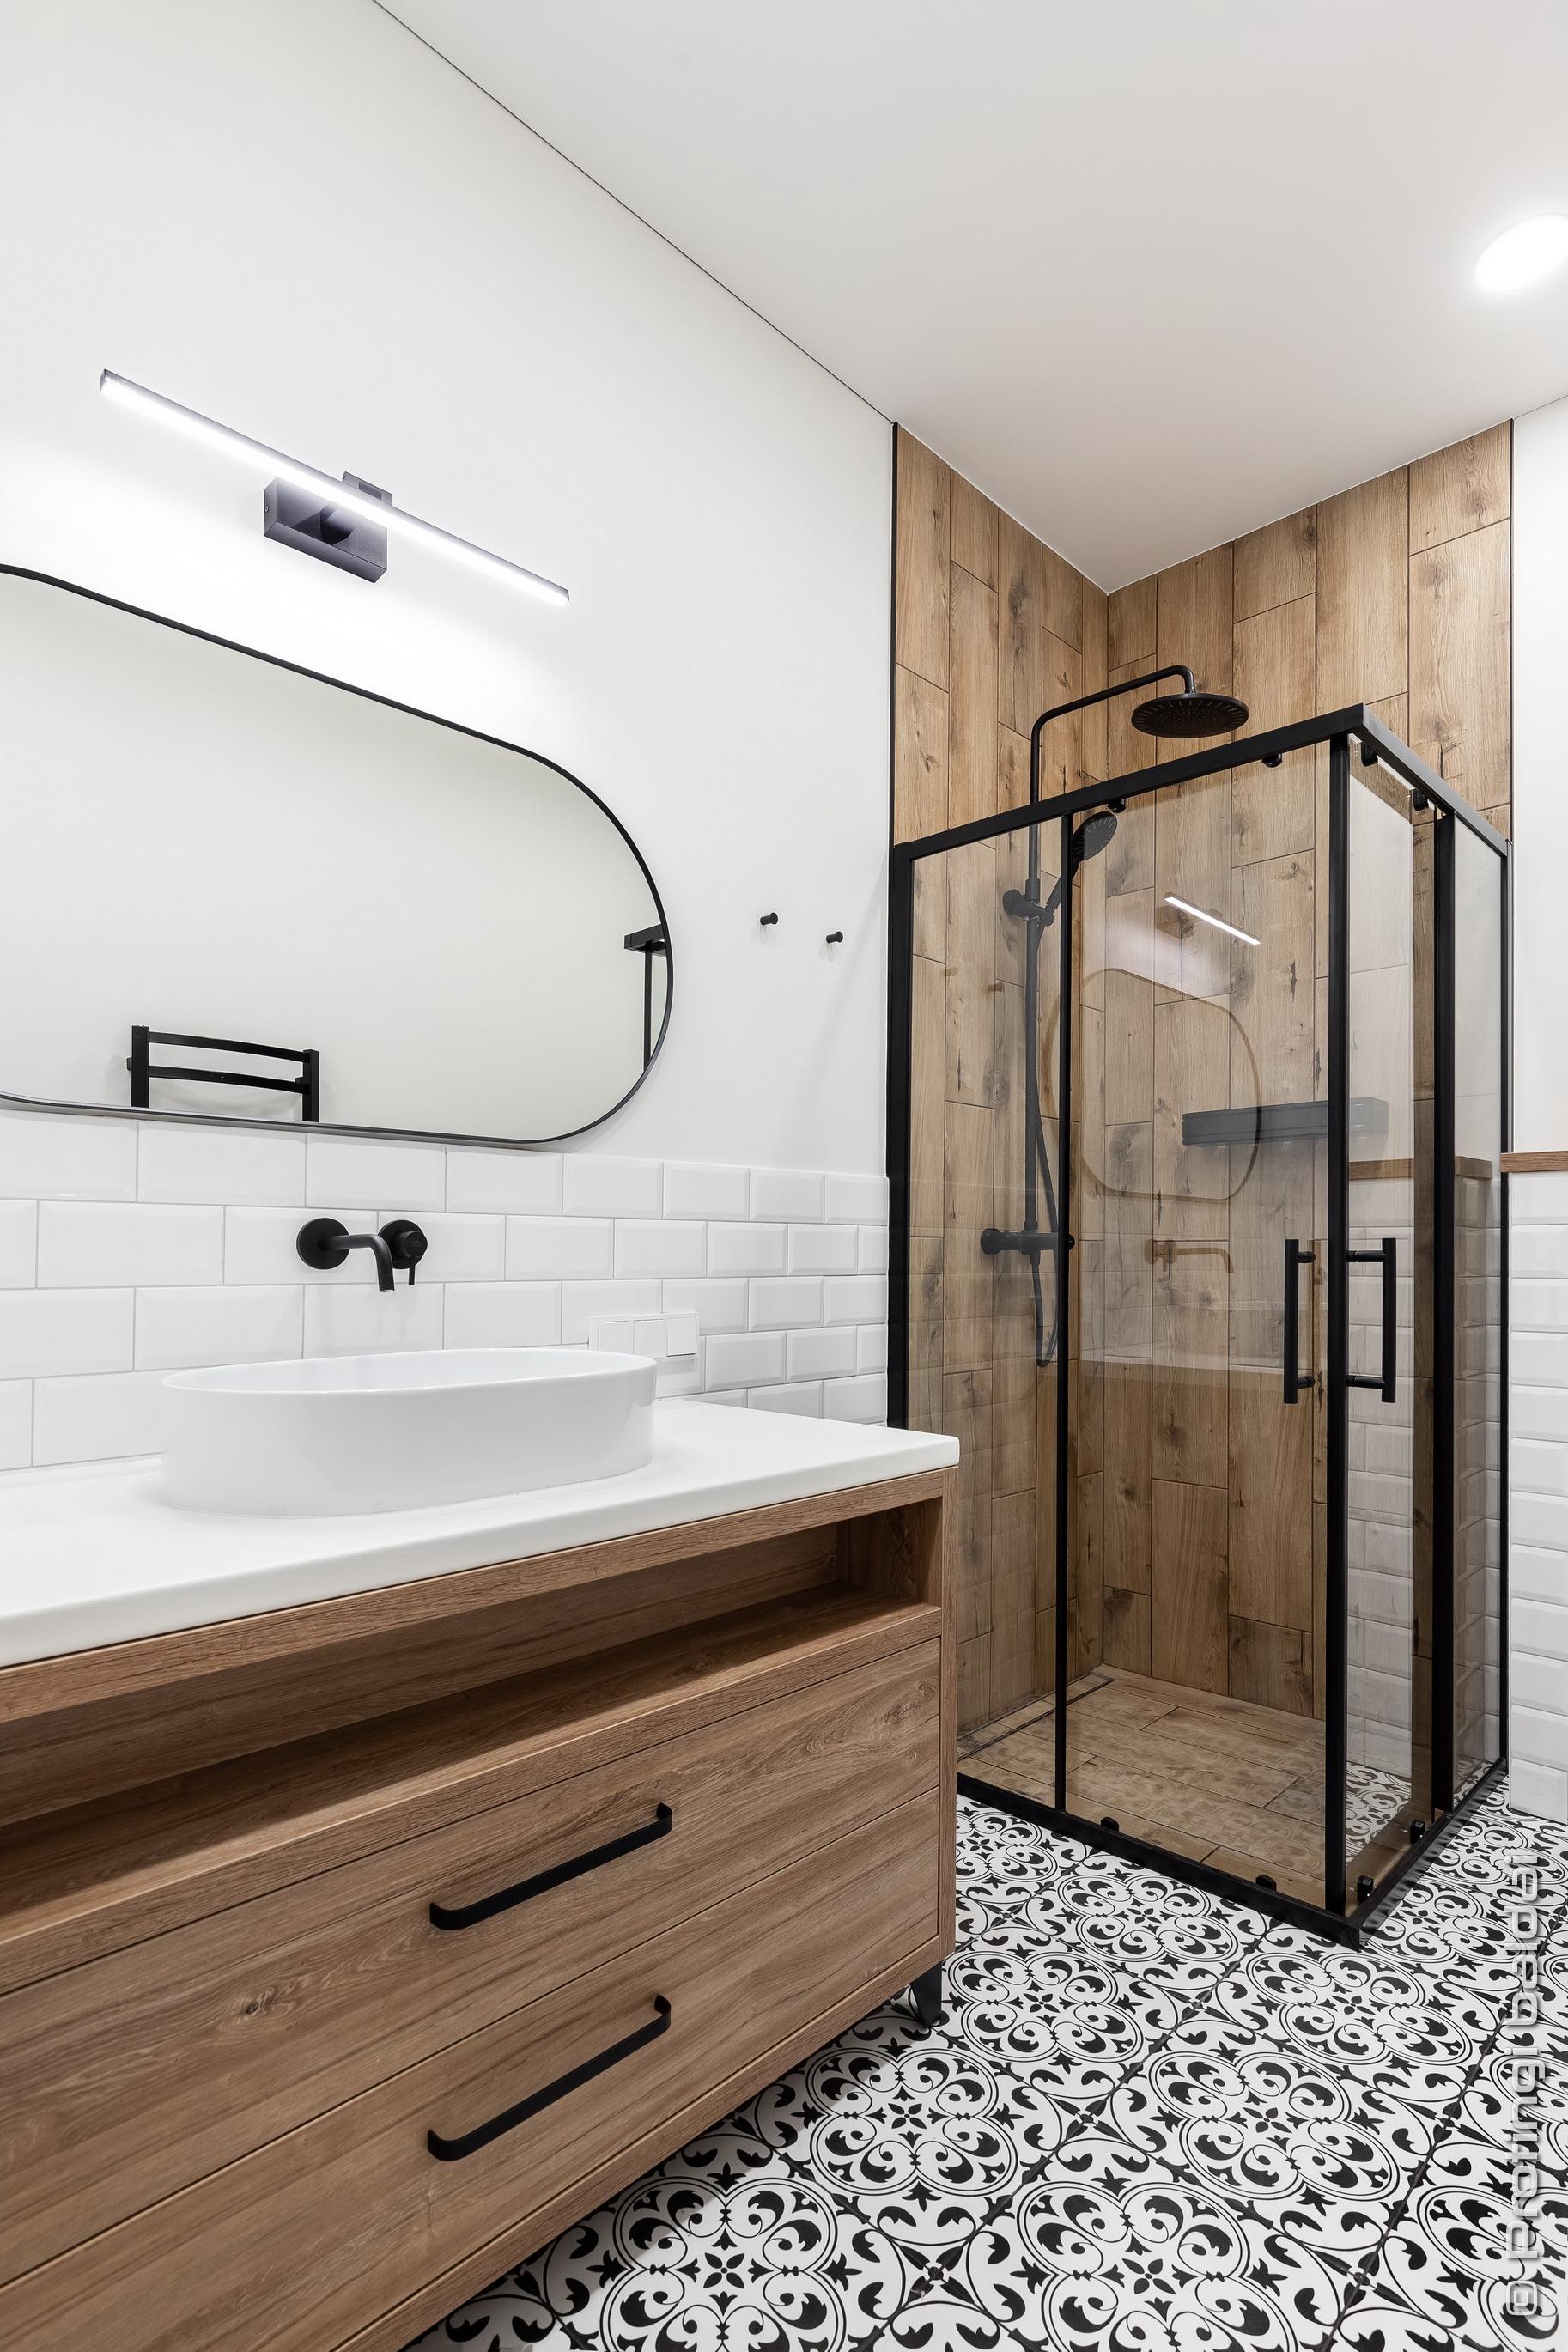 virtuve-vonia-PB35_08